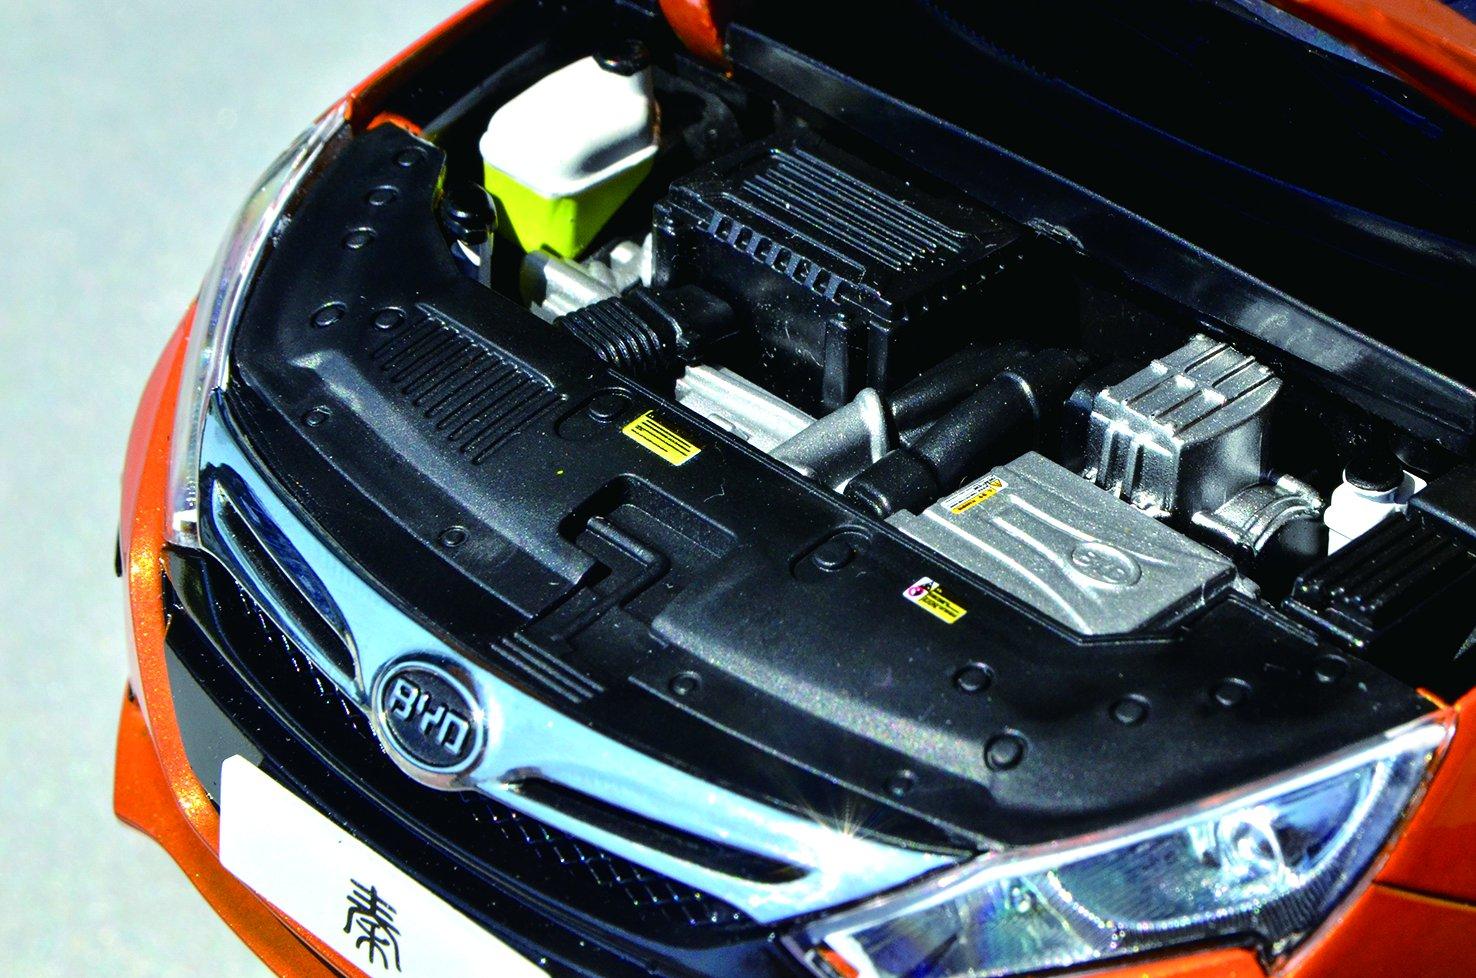 国内插电混动汽车用动力电池以磷酸铁锂为主